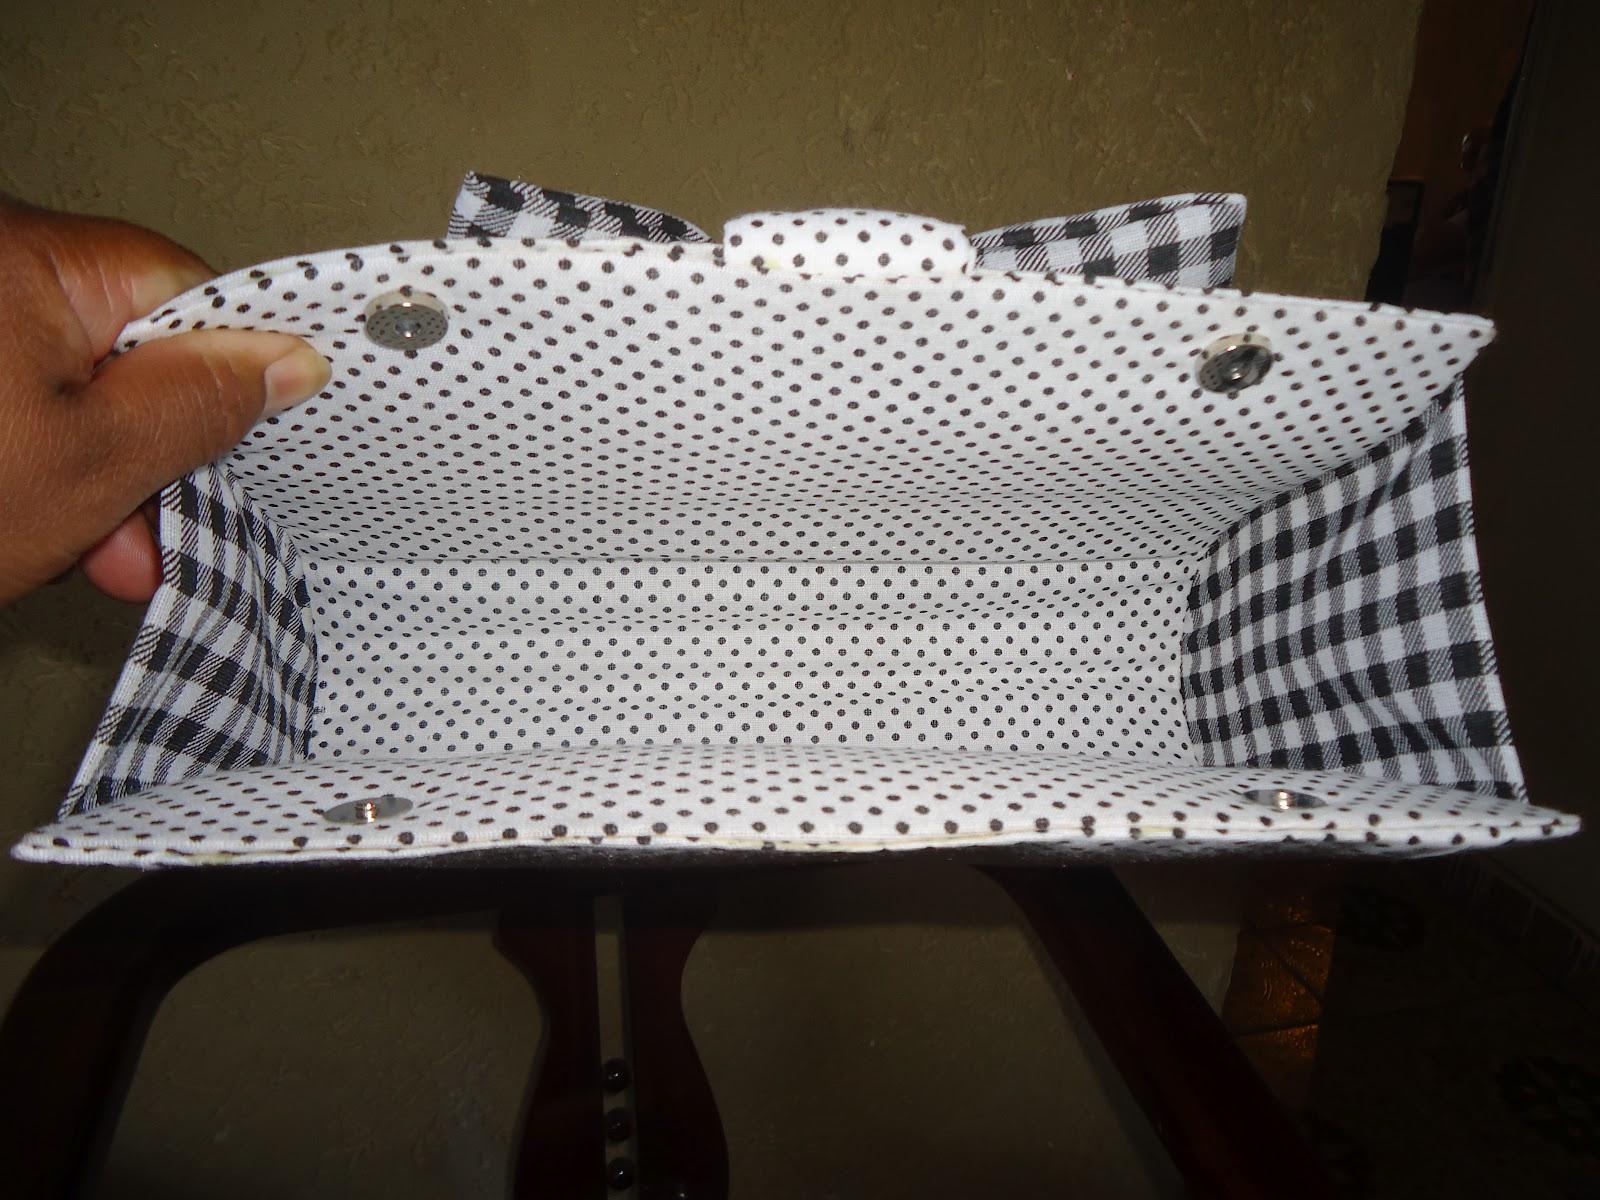 Bolsa E Carteira : Fazendo do velho o novo bolsa carteira de caixa leite